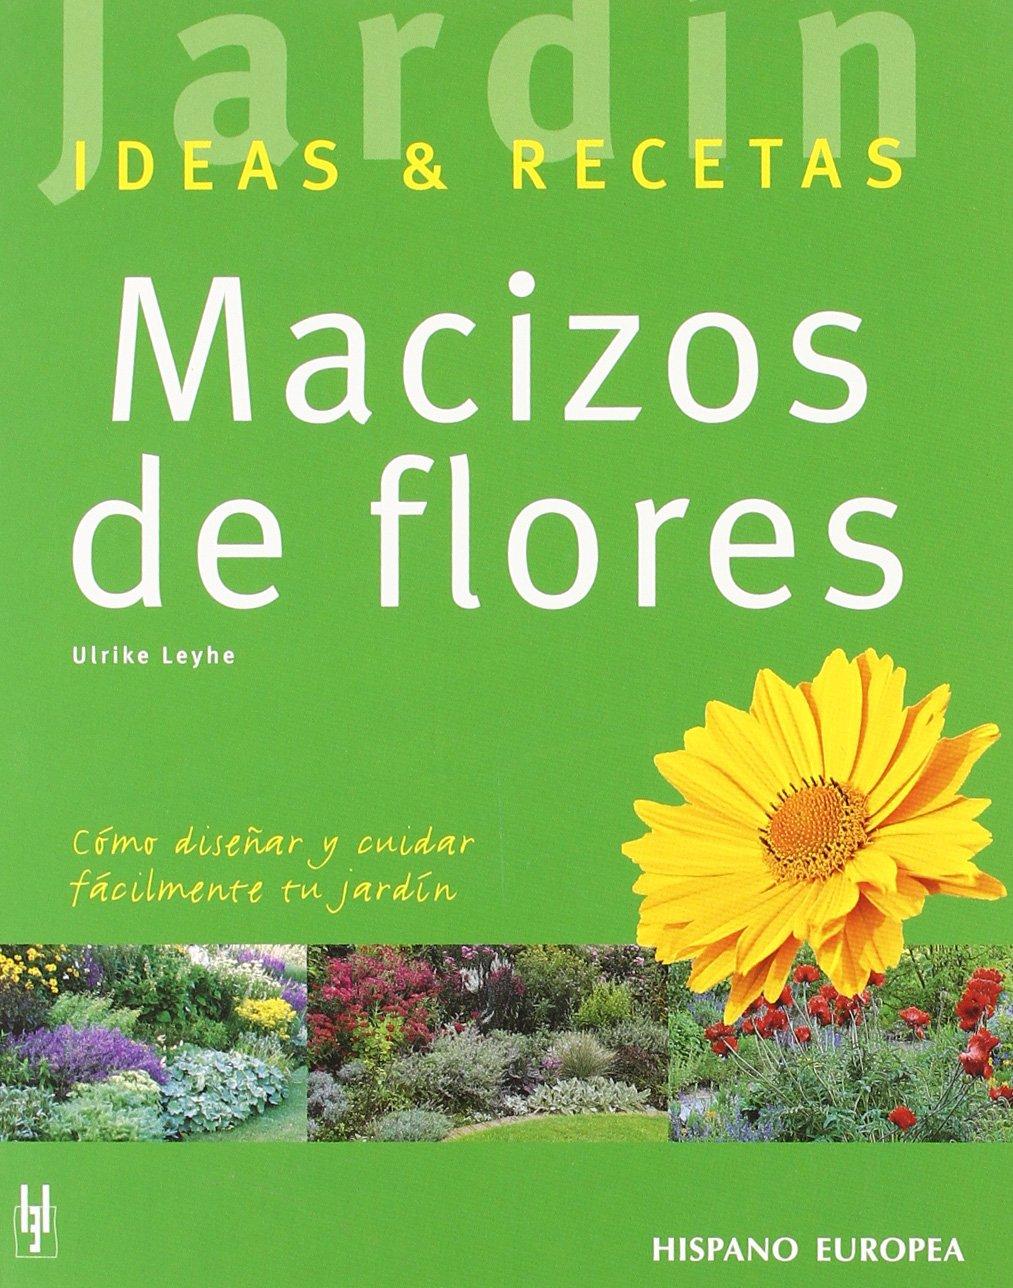 Macizos de flores (Jardín: ideas & recetas): Amazon.es: Leyhe, Ulrike: Libros